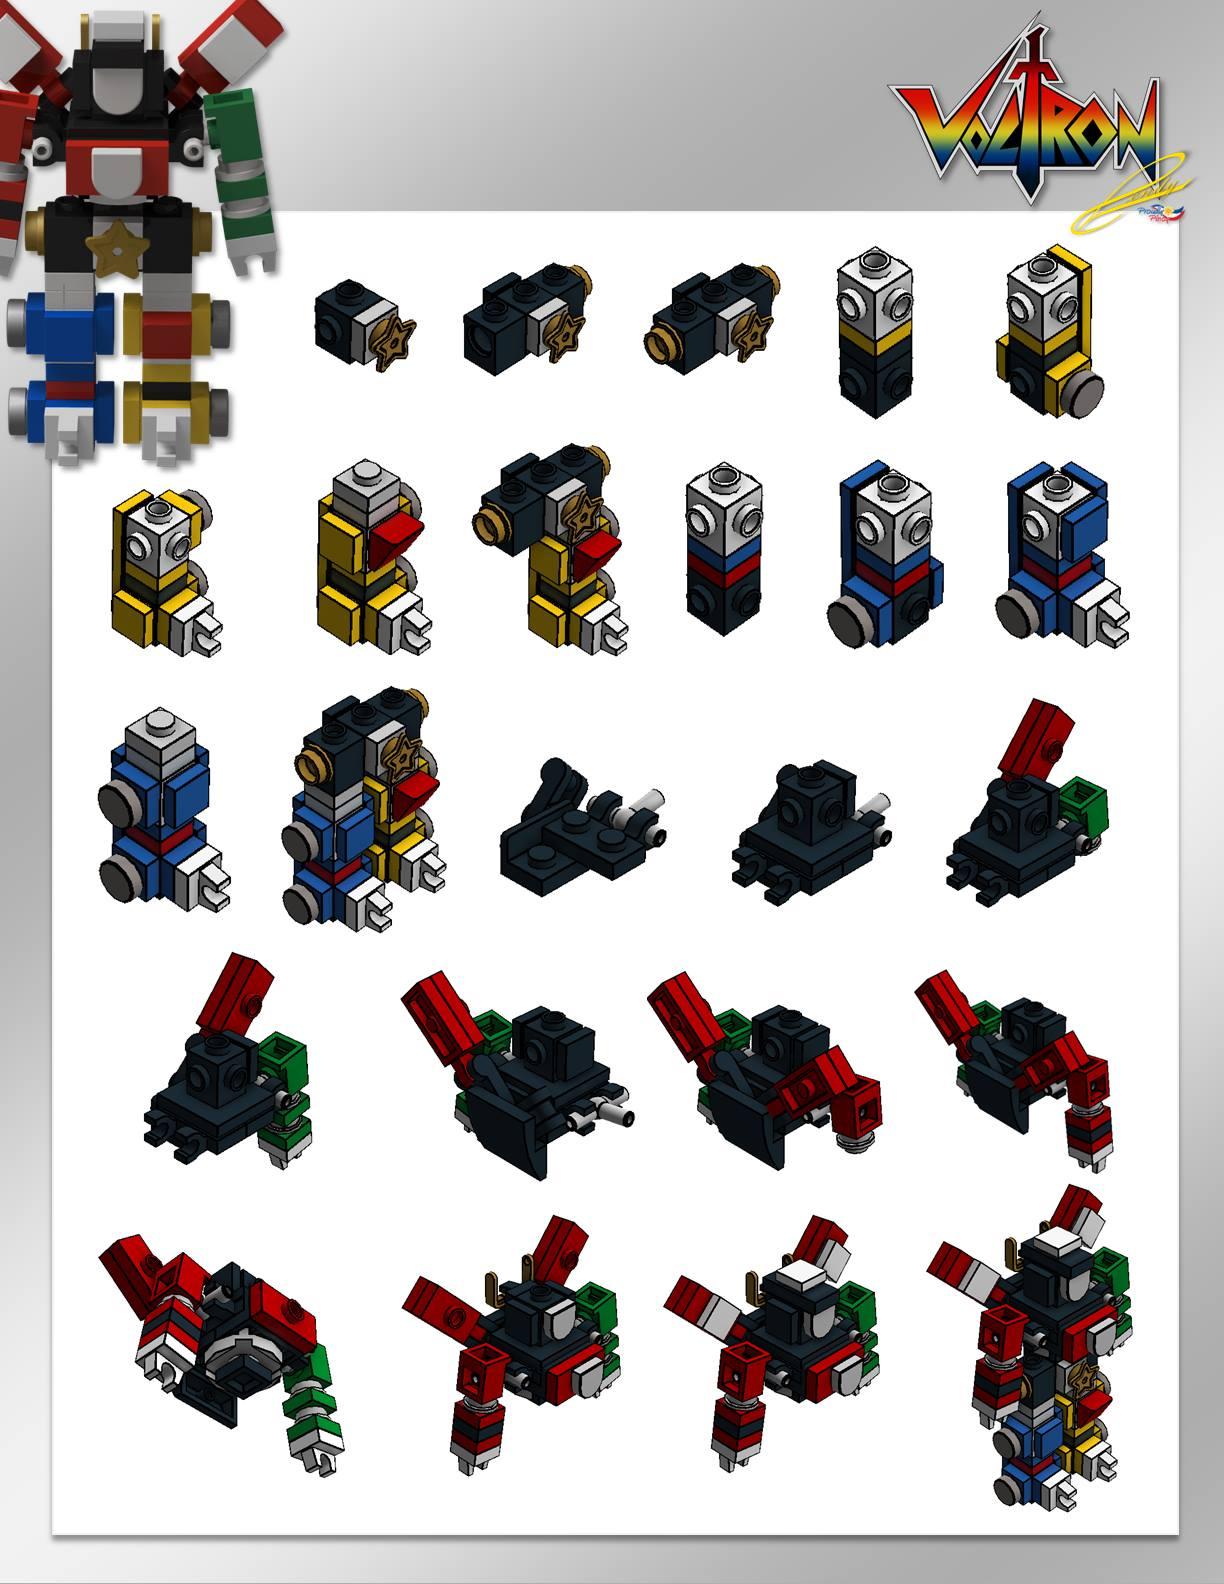 lego voltron als mini modell anleitung und teileliste zusammengebaut. Black Bedroom Furniture Sets. Home Design Ideas